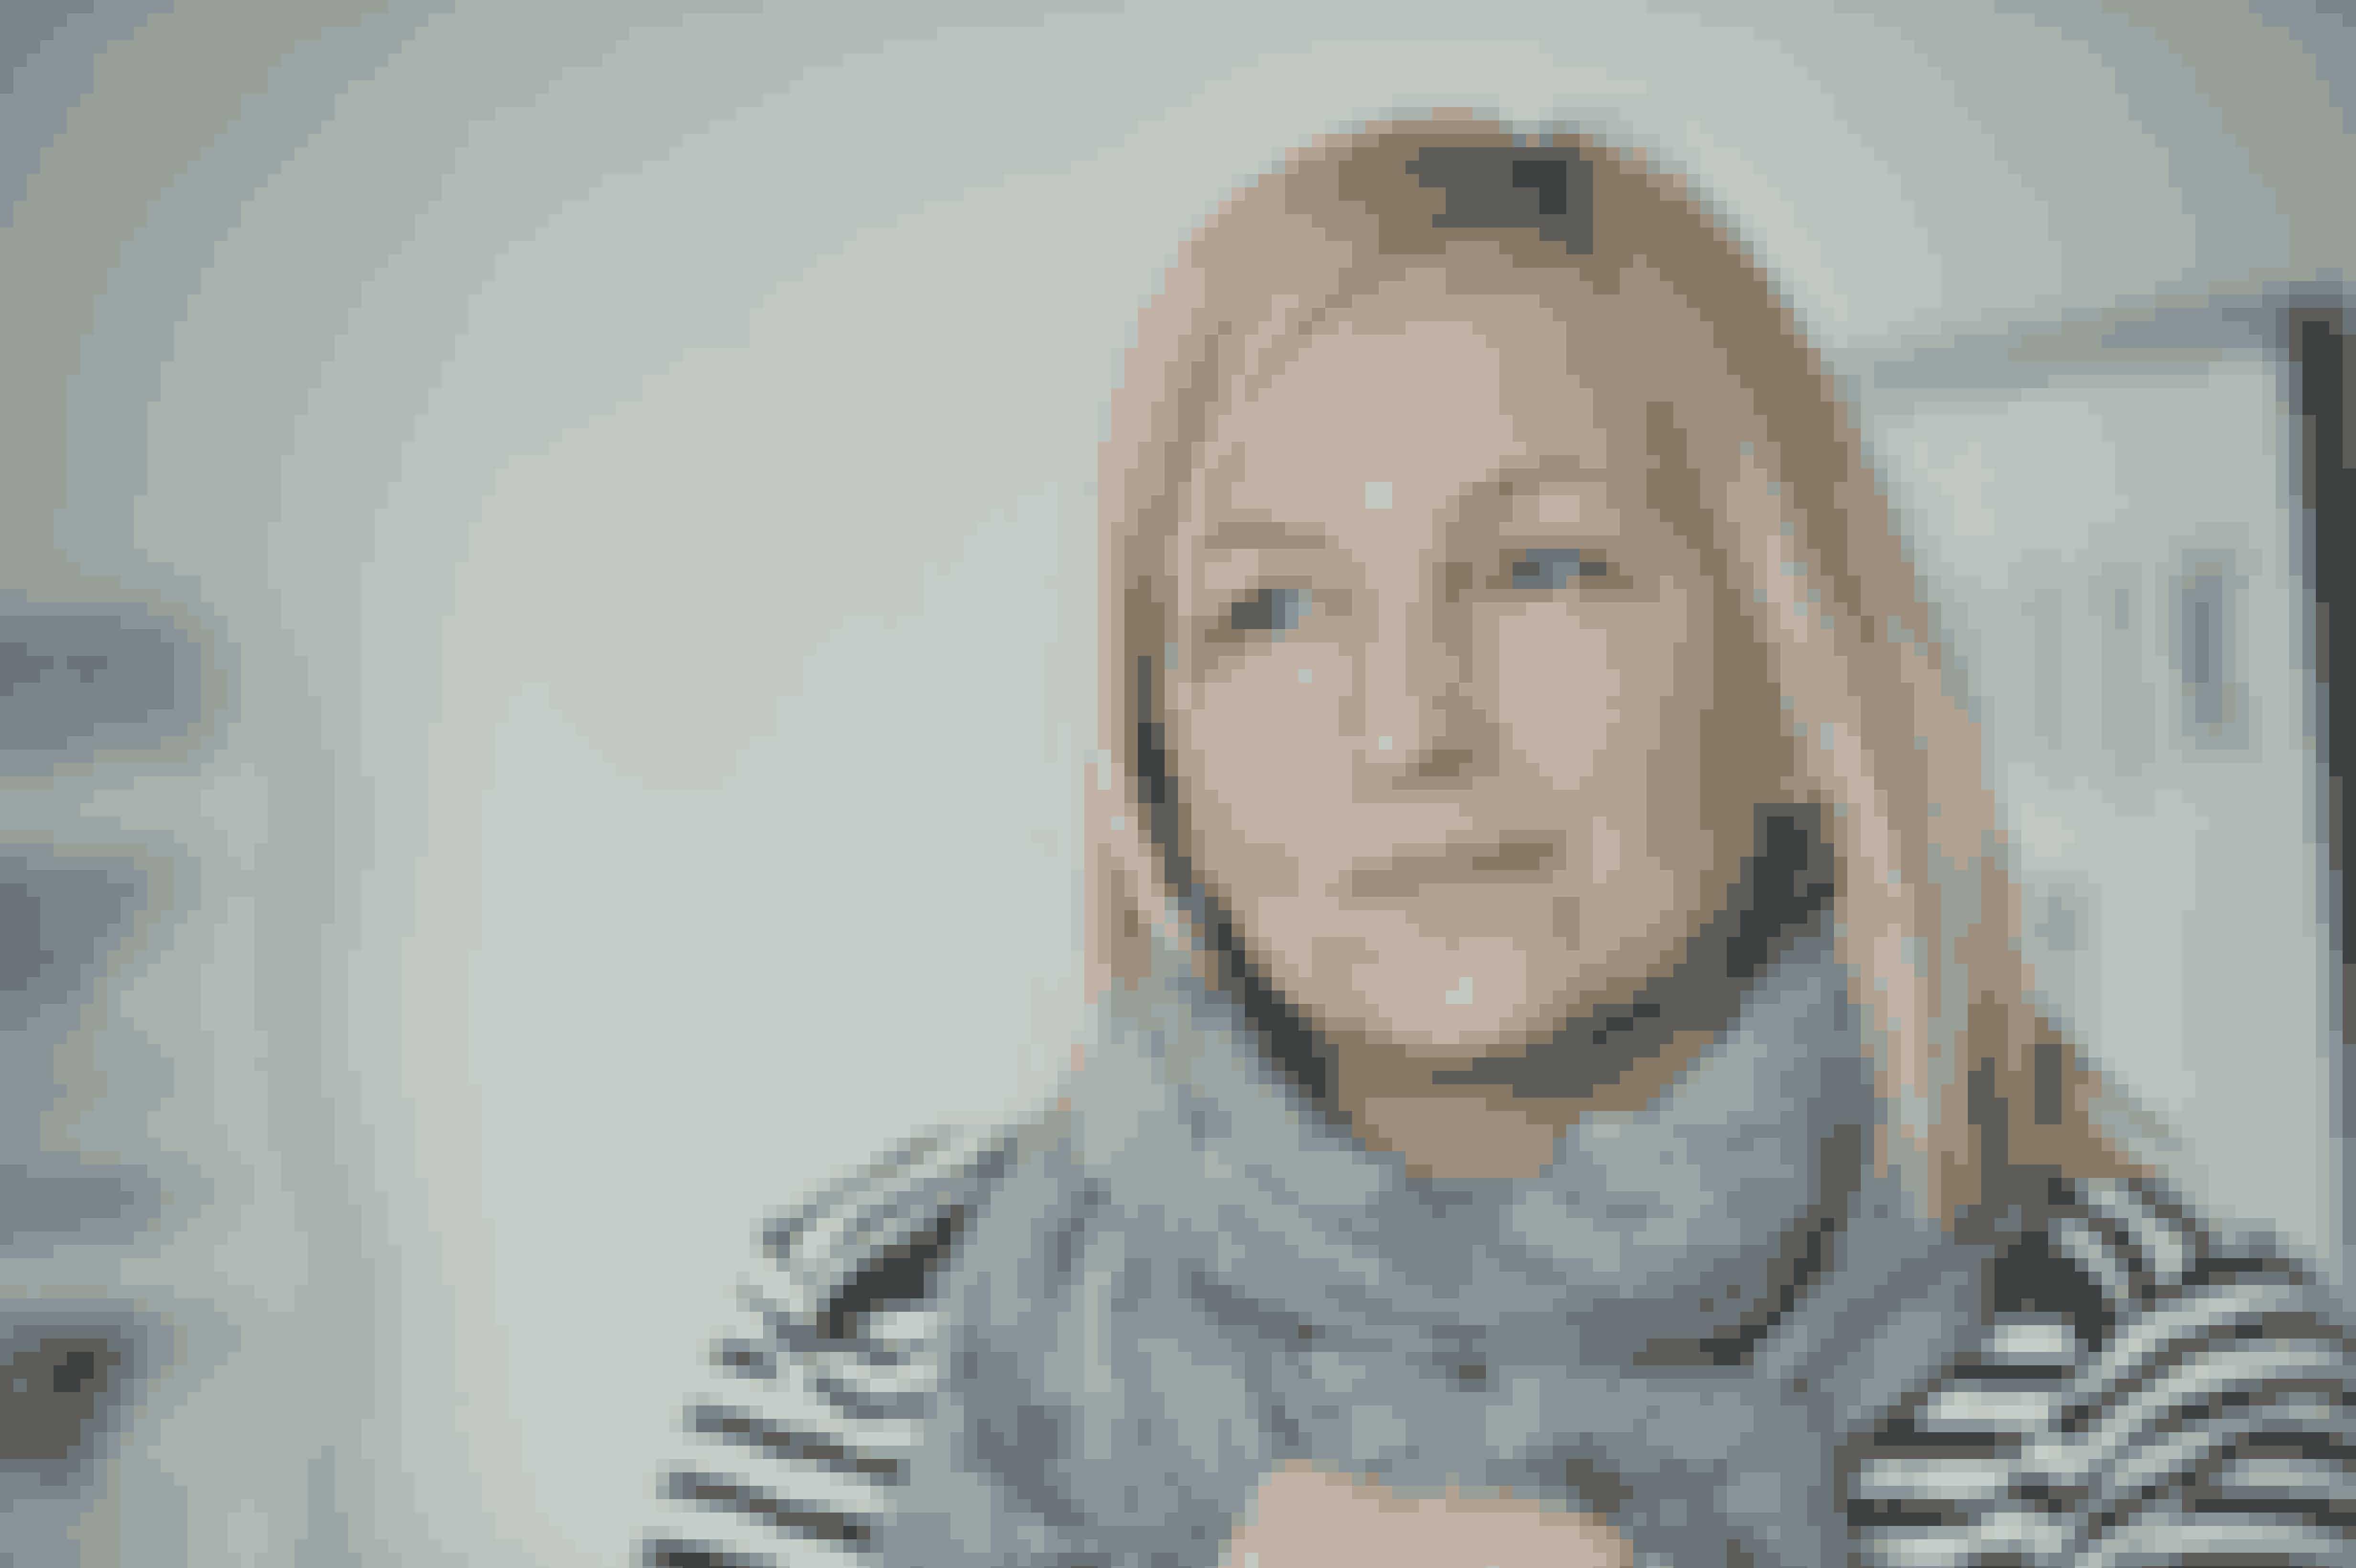 Rikke Krabsen havde en god barndom med ansvarsfulde forældre. Men så sneg en djævel sig ind i familiens liv. Alkoholisme slog til. Først strejfede den hendes far. Siden skulle hendes egen dejlige mor ende med at drikke sig ihjel.